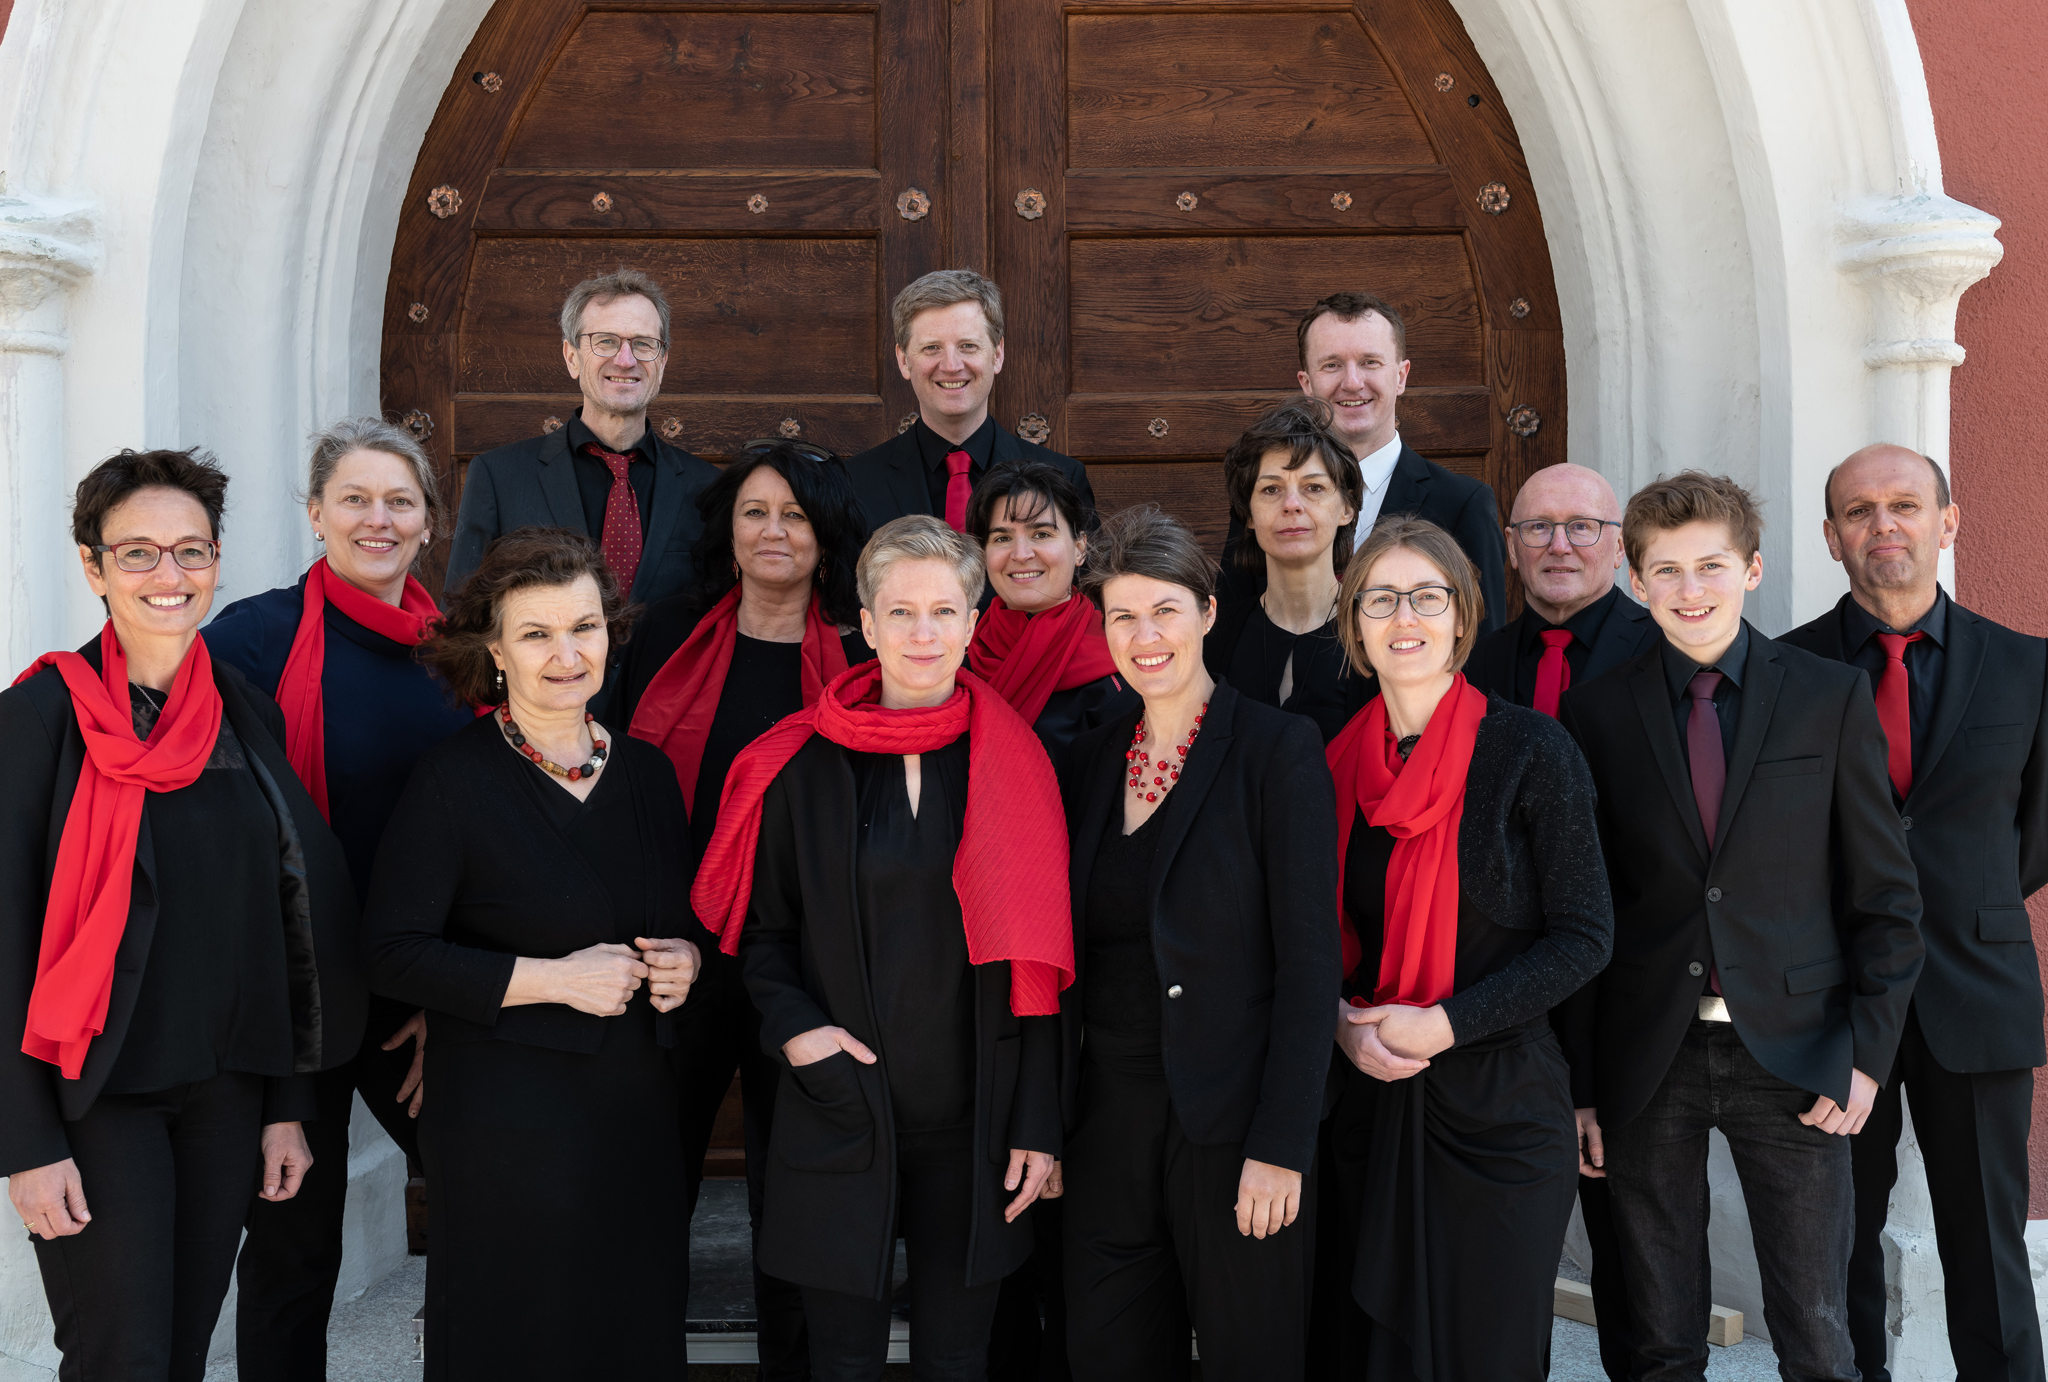 Company Life från Österrike gästar Musik i sommarkväll i Brännkyrka kyrka